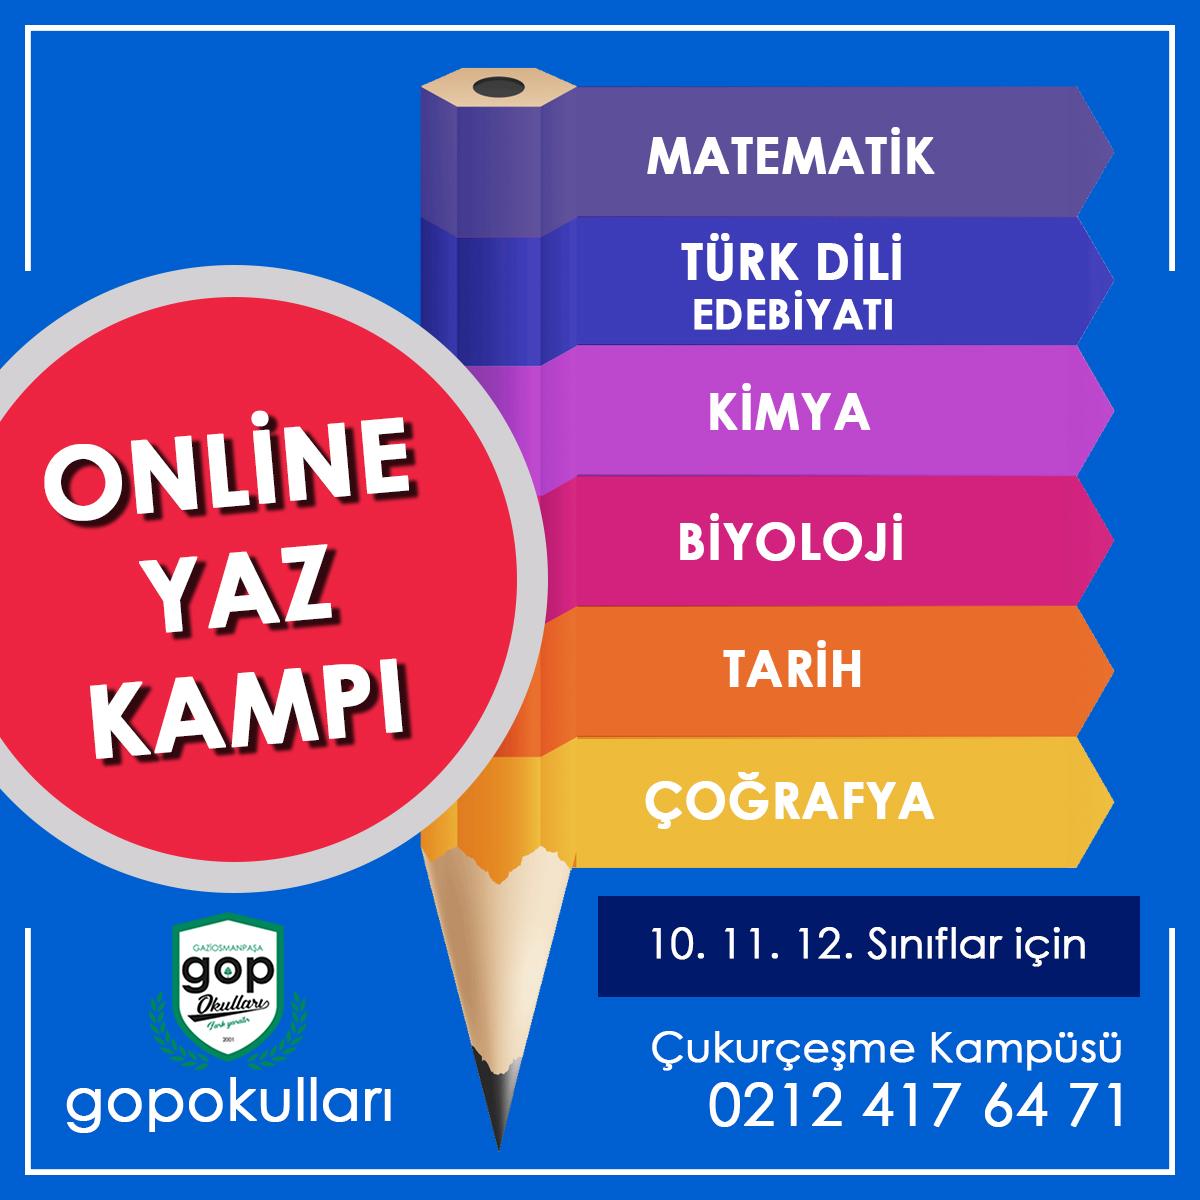 Online Yaz Kampı